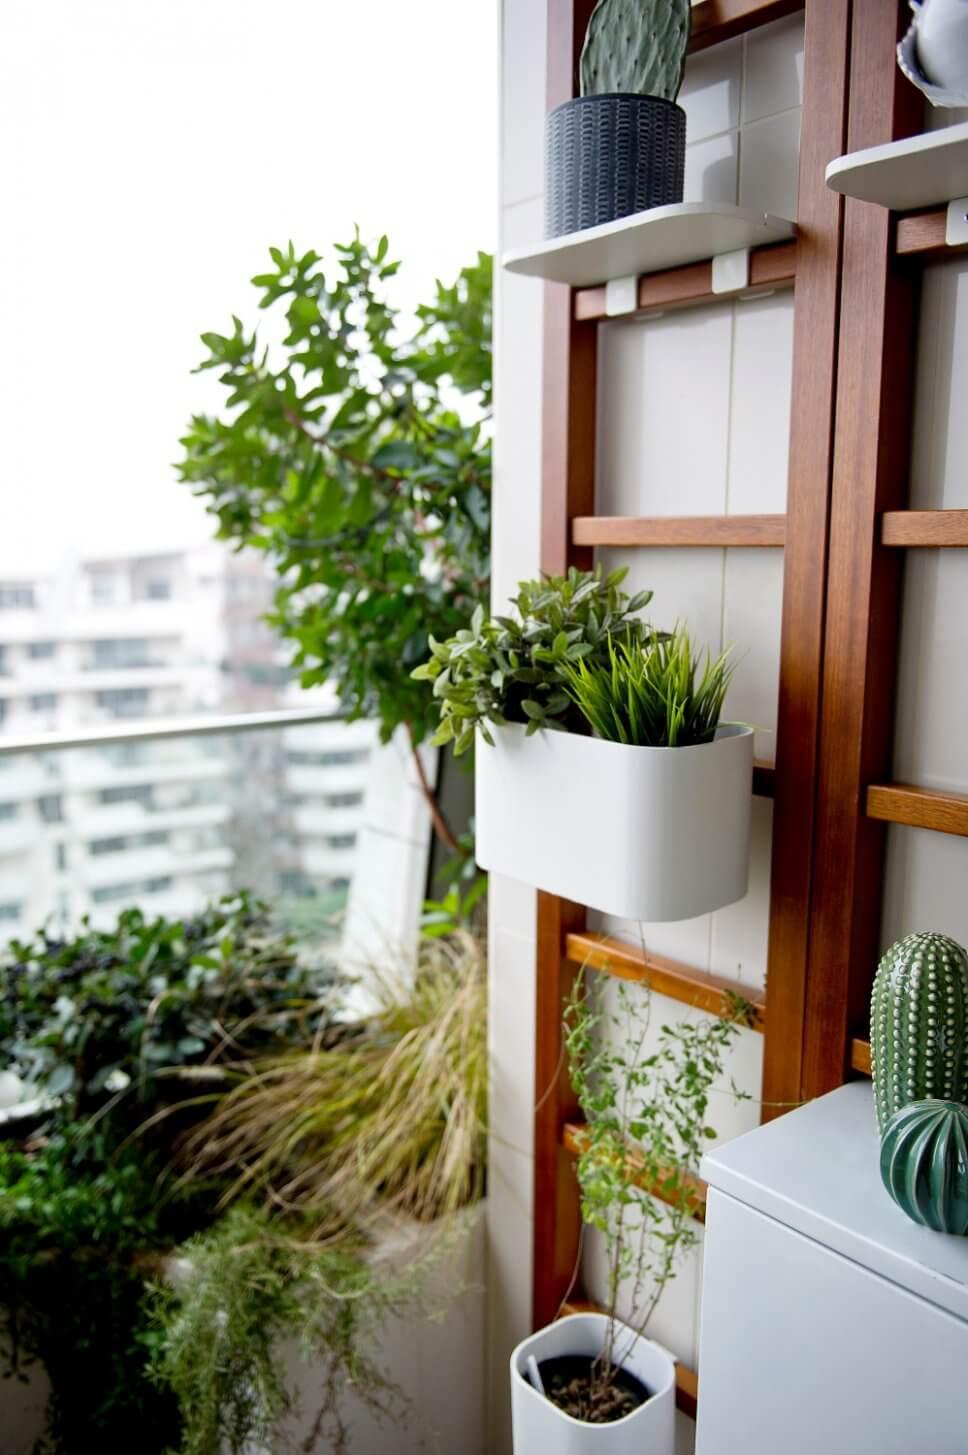 Üppig mit Kübelpflanzen und Balkonkasten bepflanzter Balkon